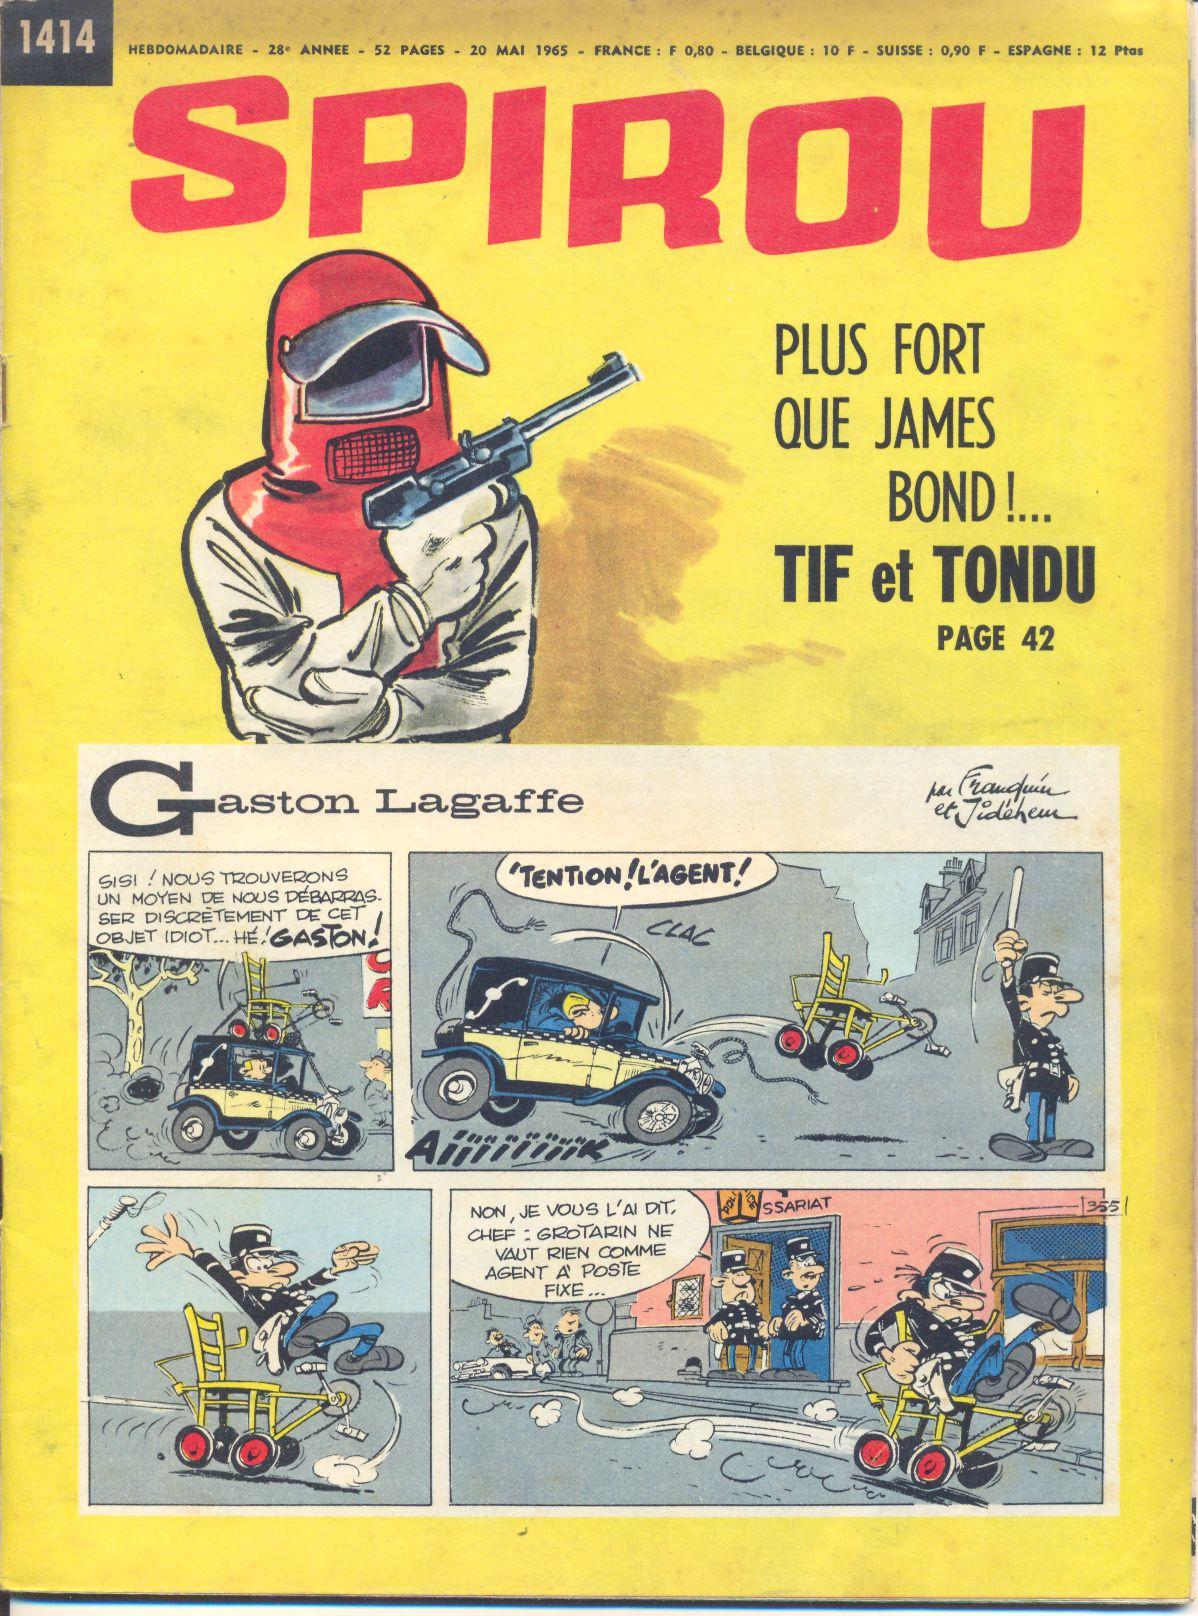 Le journal de Spirou 1414